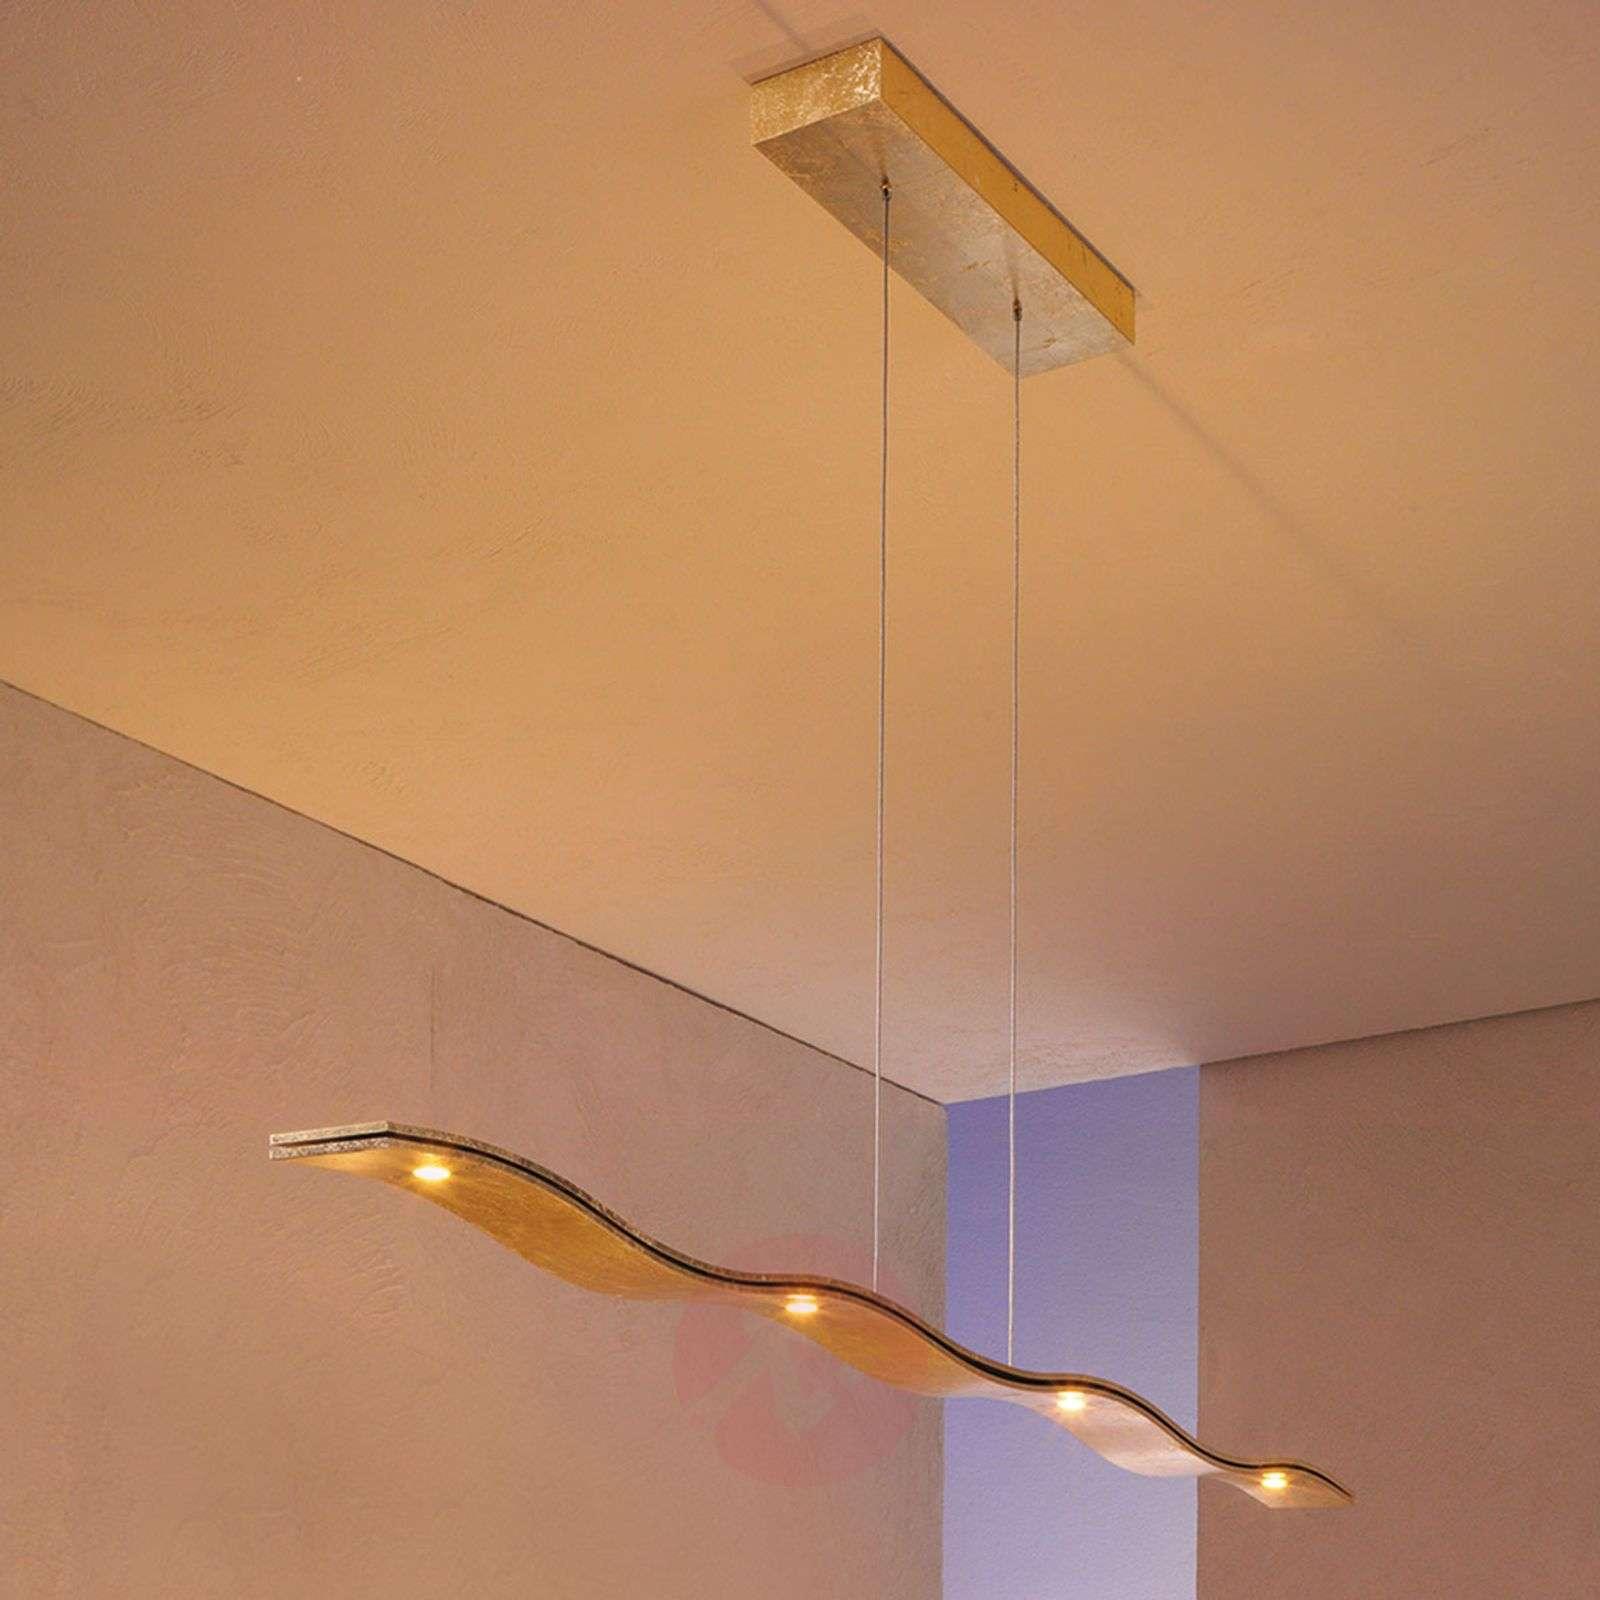 Himmennettävä LED-riippuvalaisin Fluid, lehtikulta-3051027-01